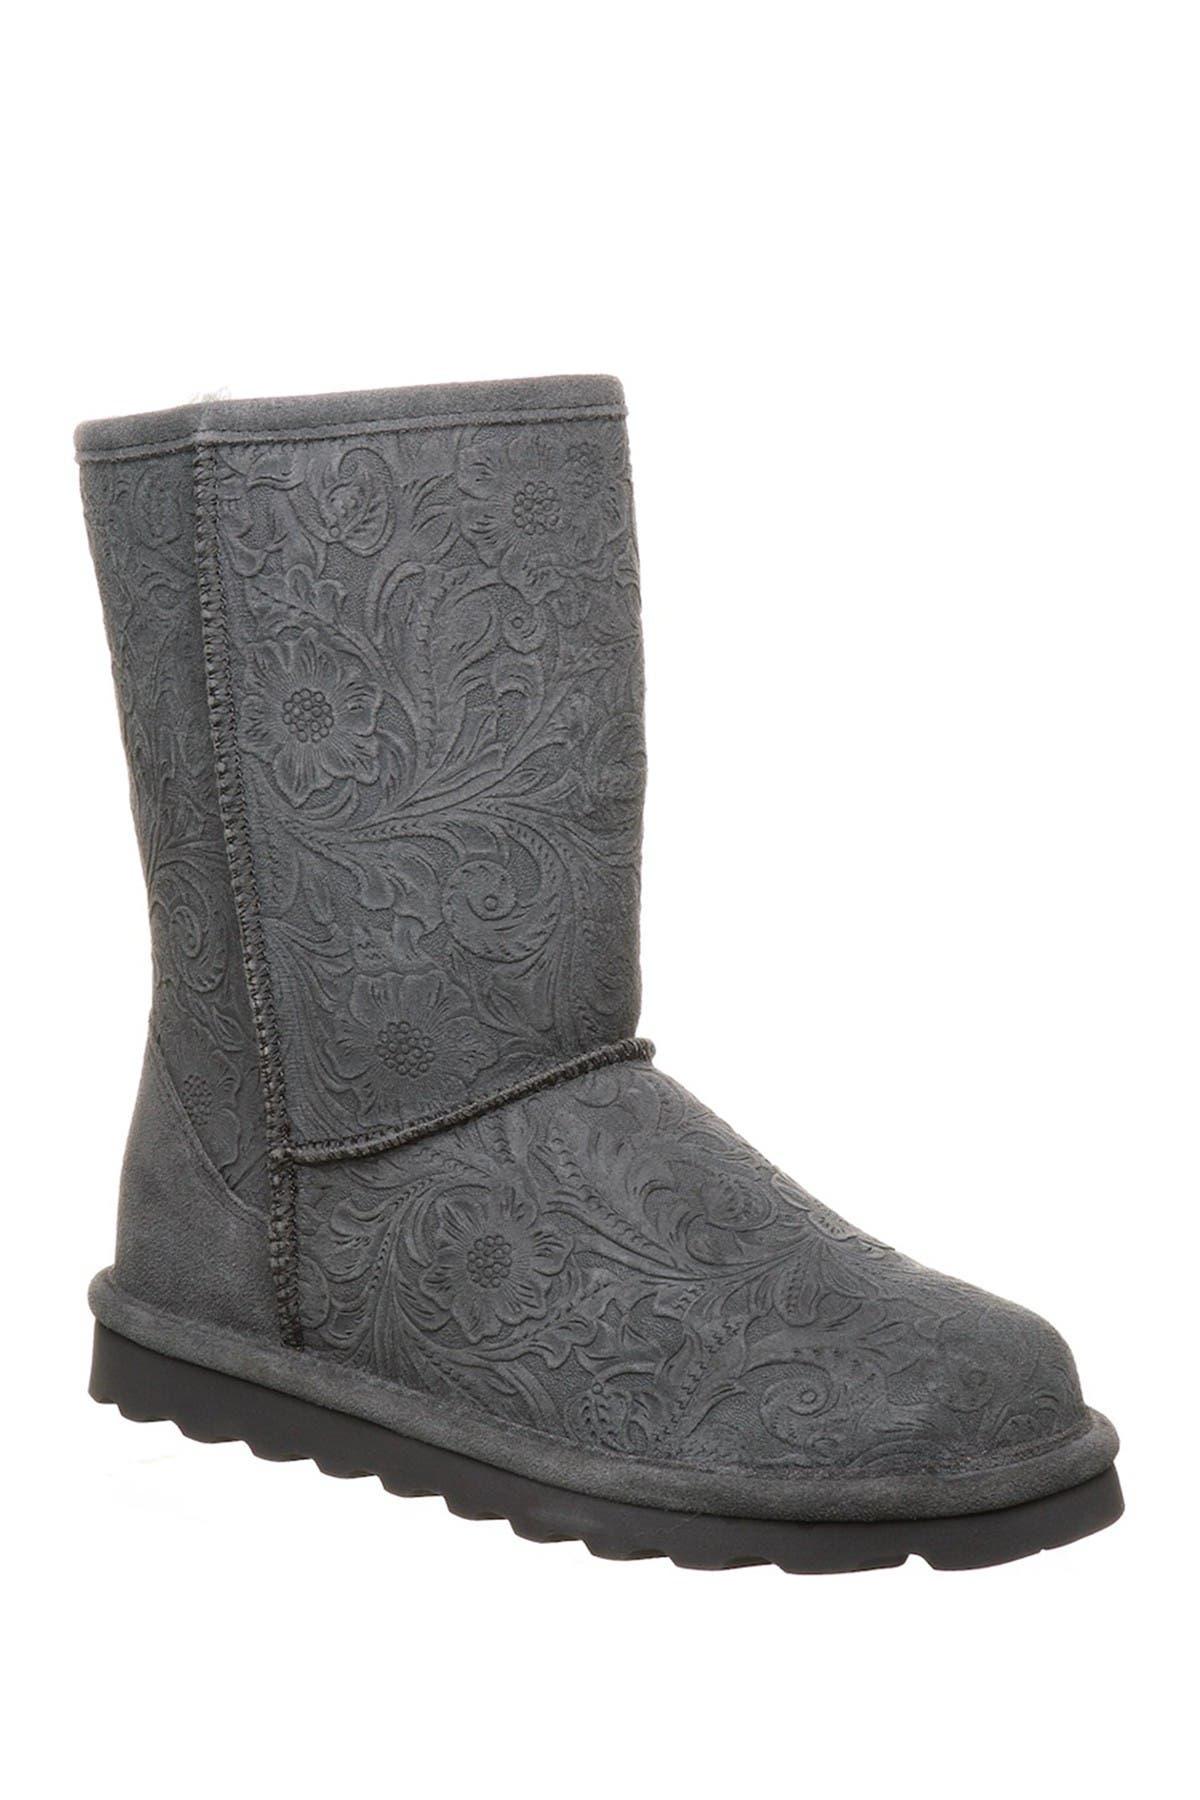 Image of BEARPAW Eliana Texture Embossed Boot